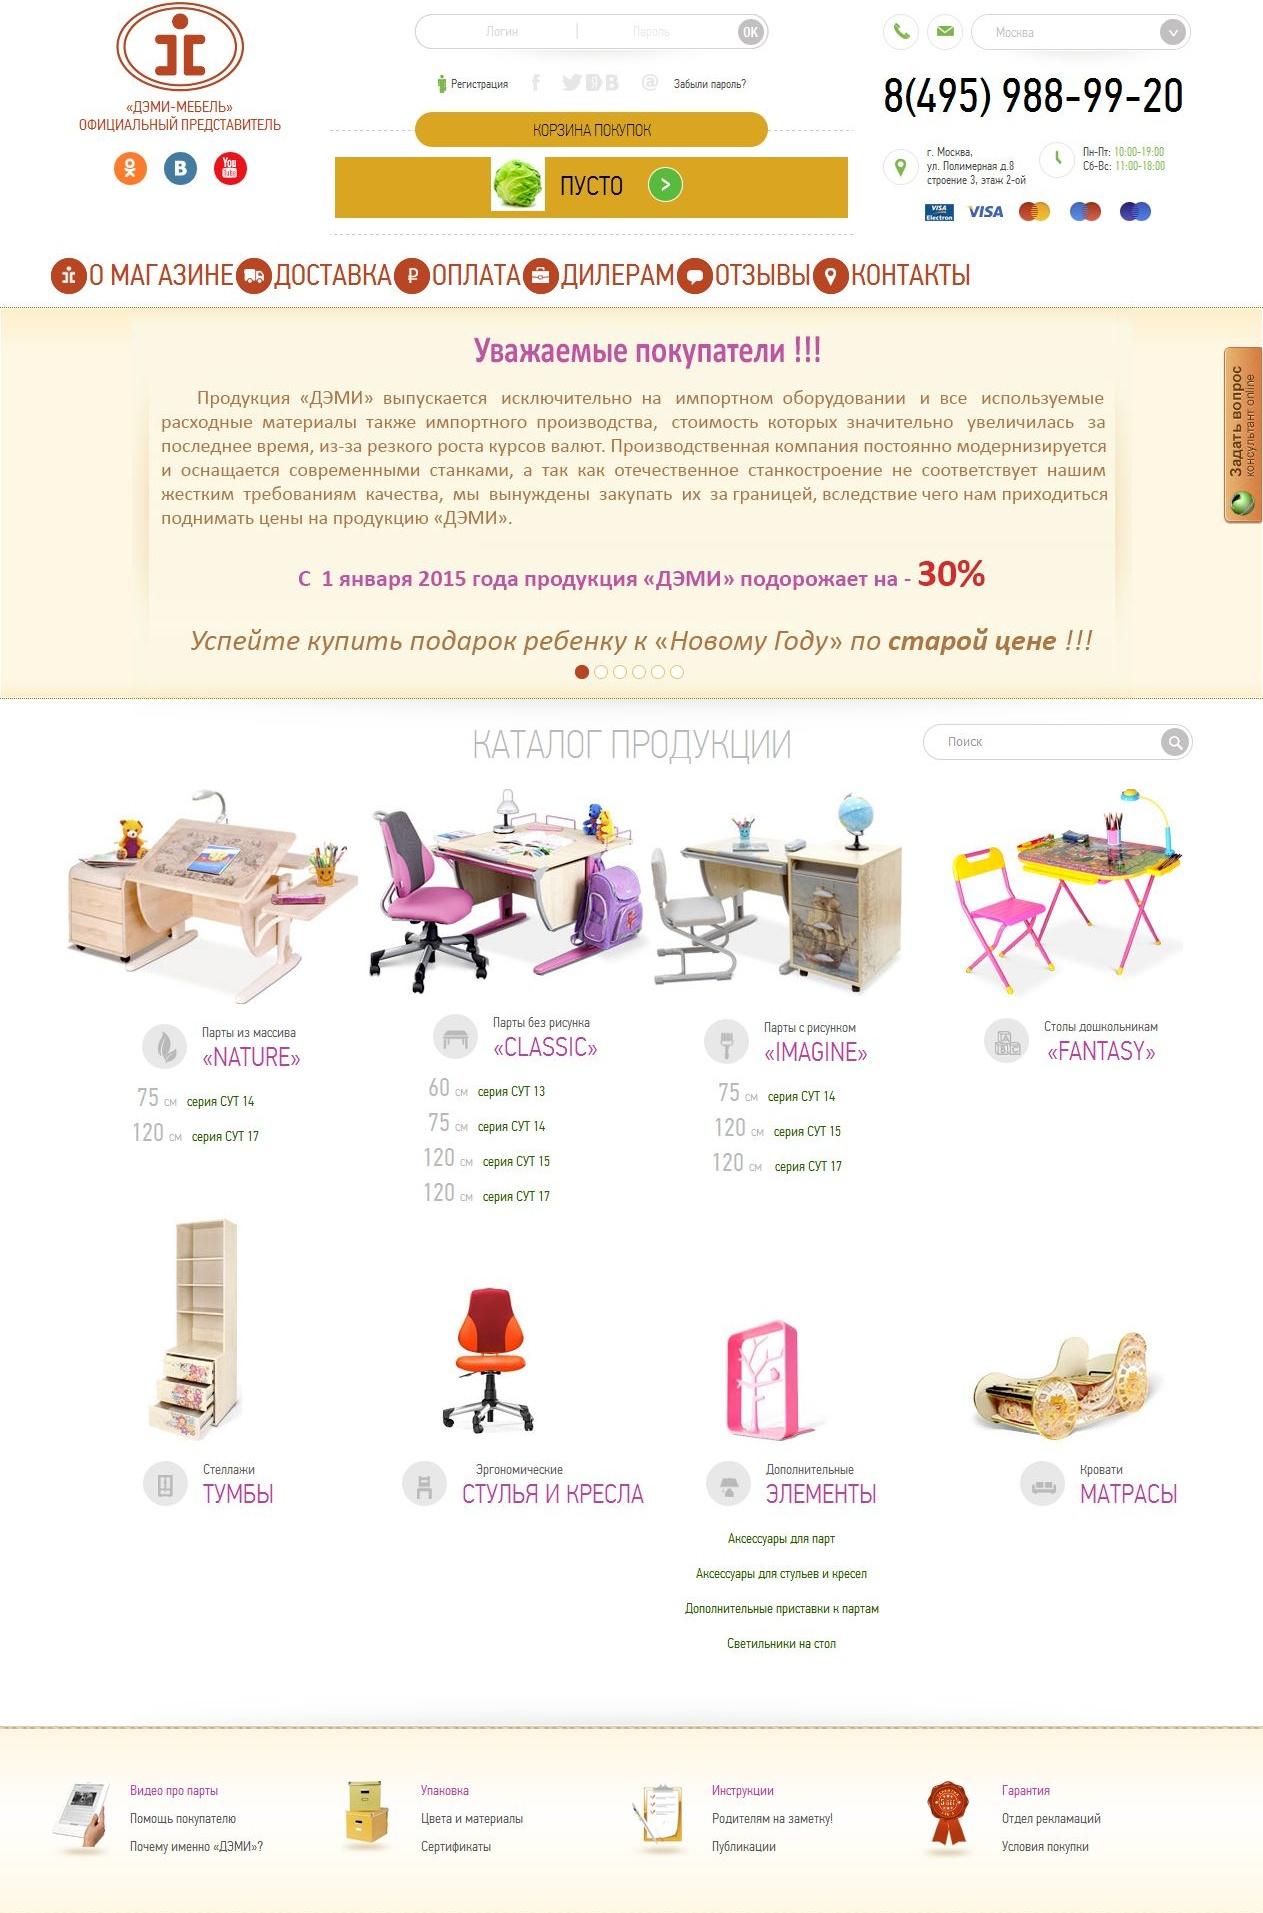 www.dami-mebel.ru - отличные парты по доступной цене